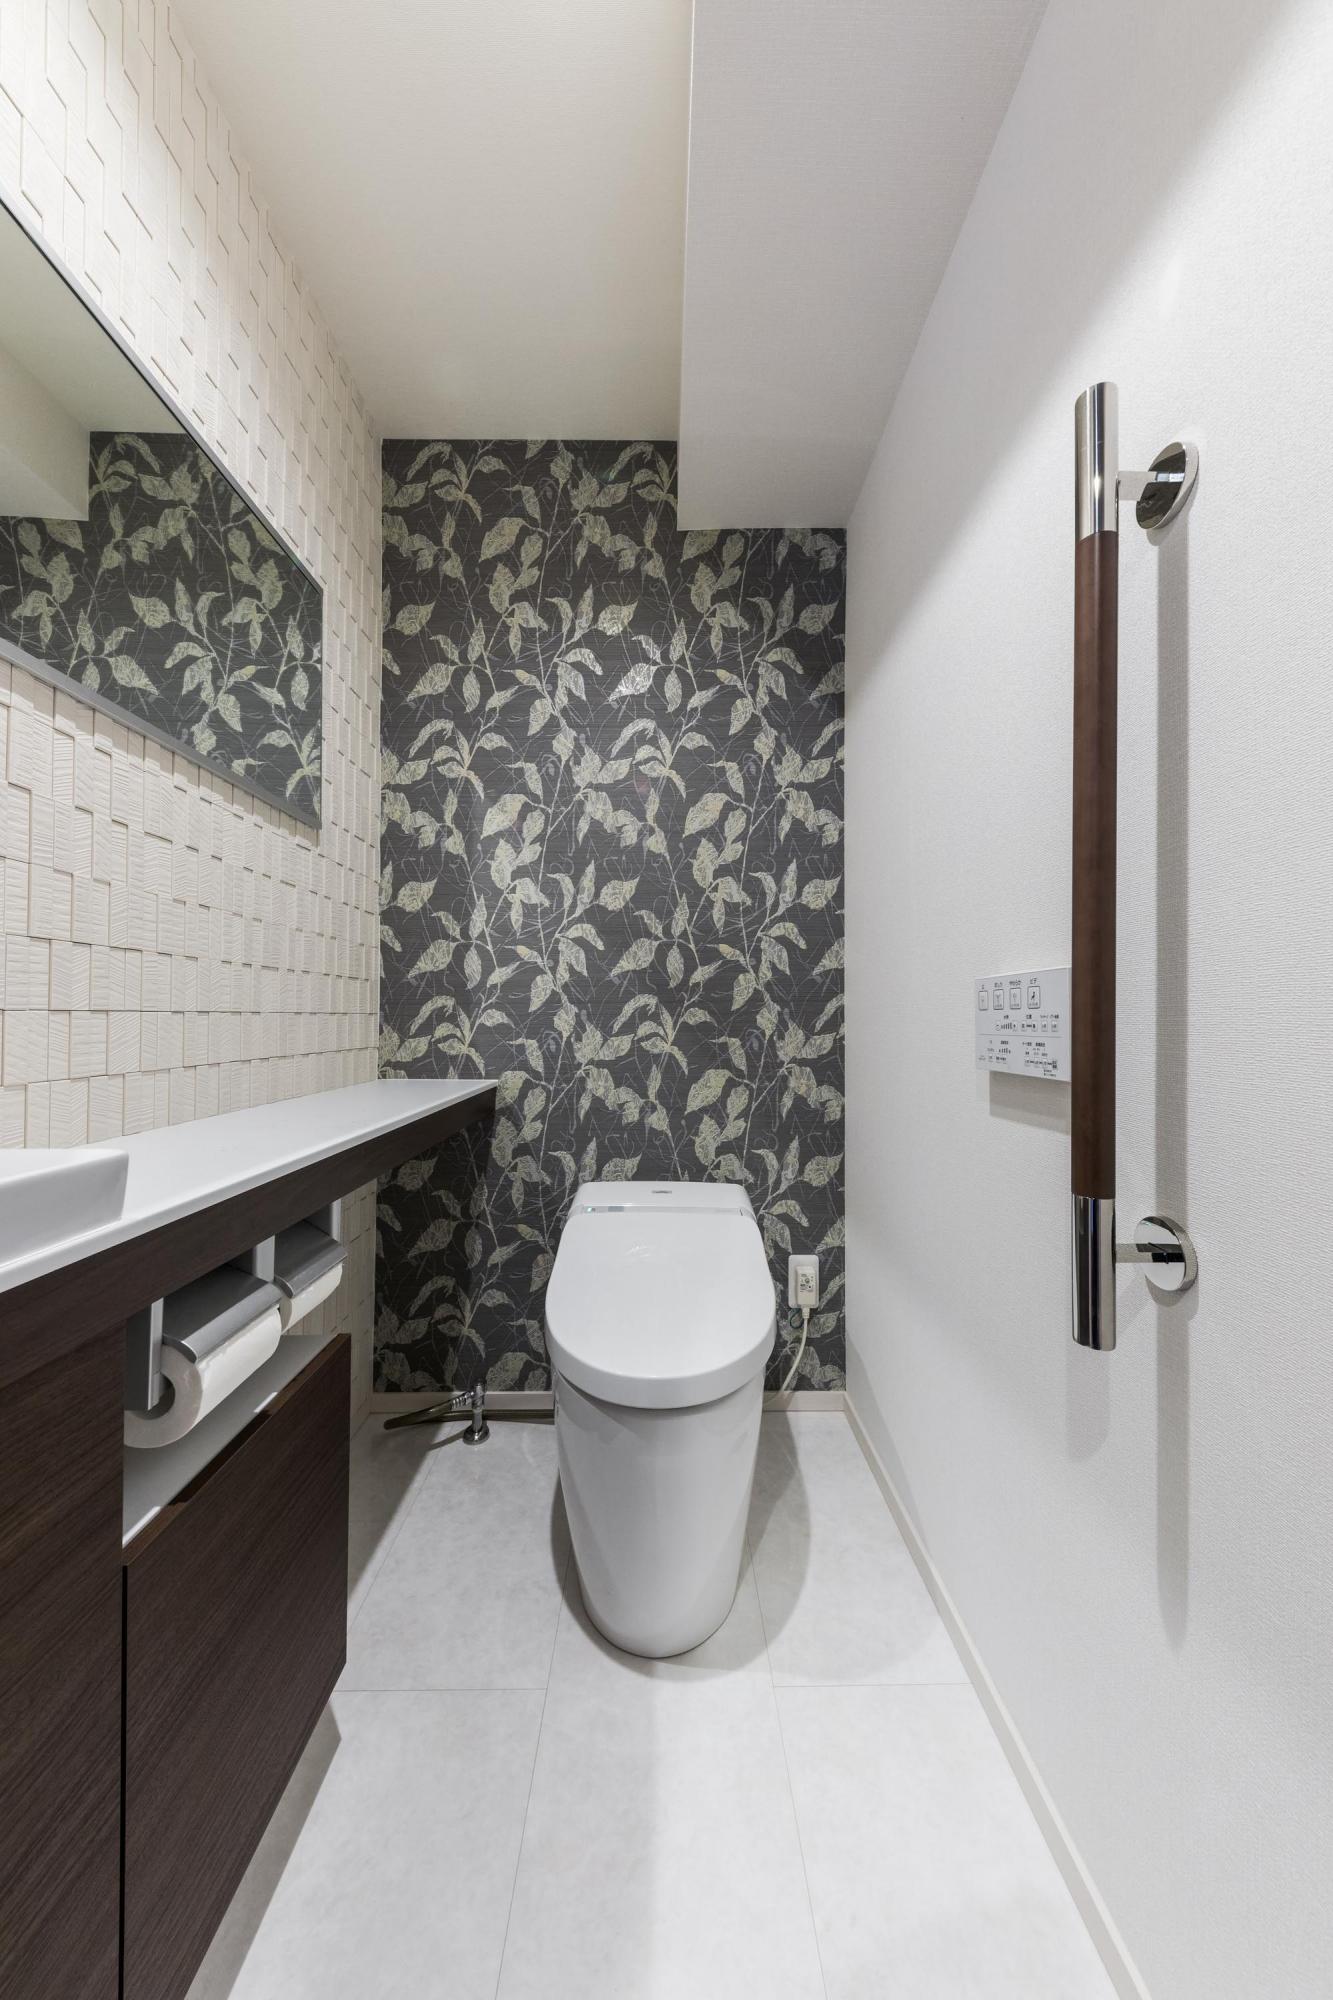 ゲストも使用するため、デザインと清潔感にこだわったトイレ。特徴のあるクロスと、一部アクセントタイルで仕上げている。便器は既存のものを利用し、手洗いカウンターを交換した